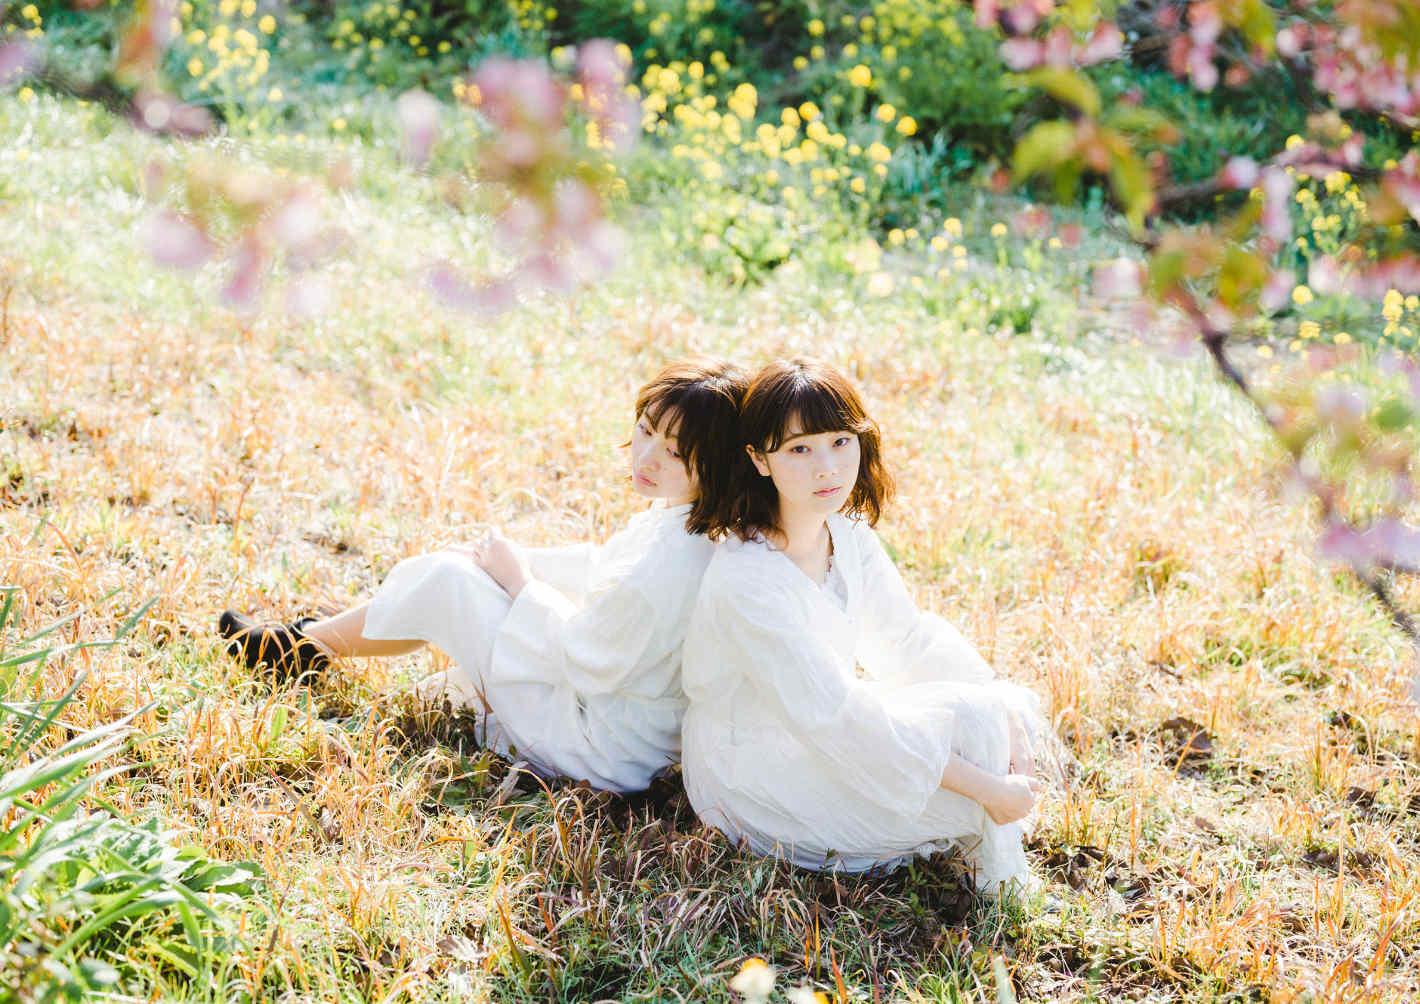 Z 6、NIKKOR Z 50mm f/1.8 Sで過去に撮影した写真/Model:花柳のぞみ、まりな